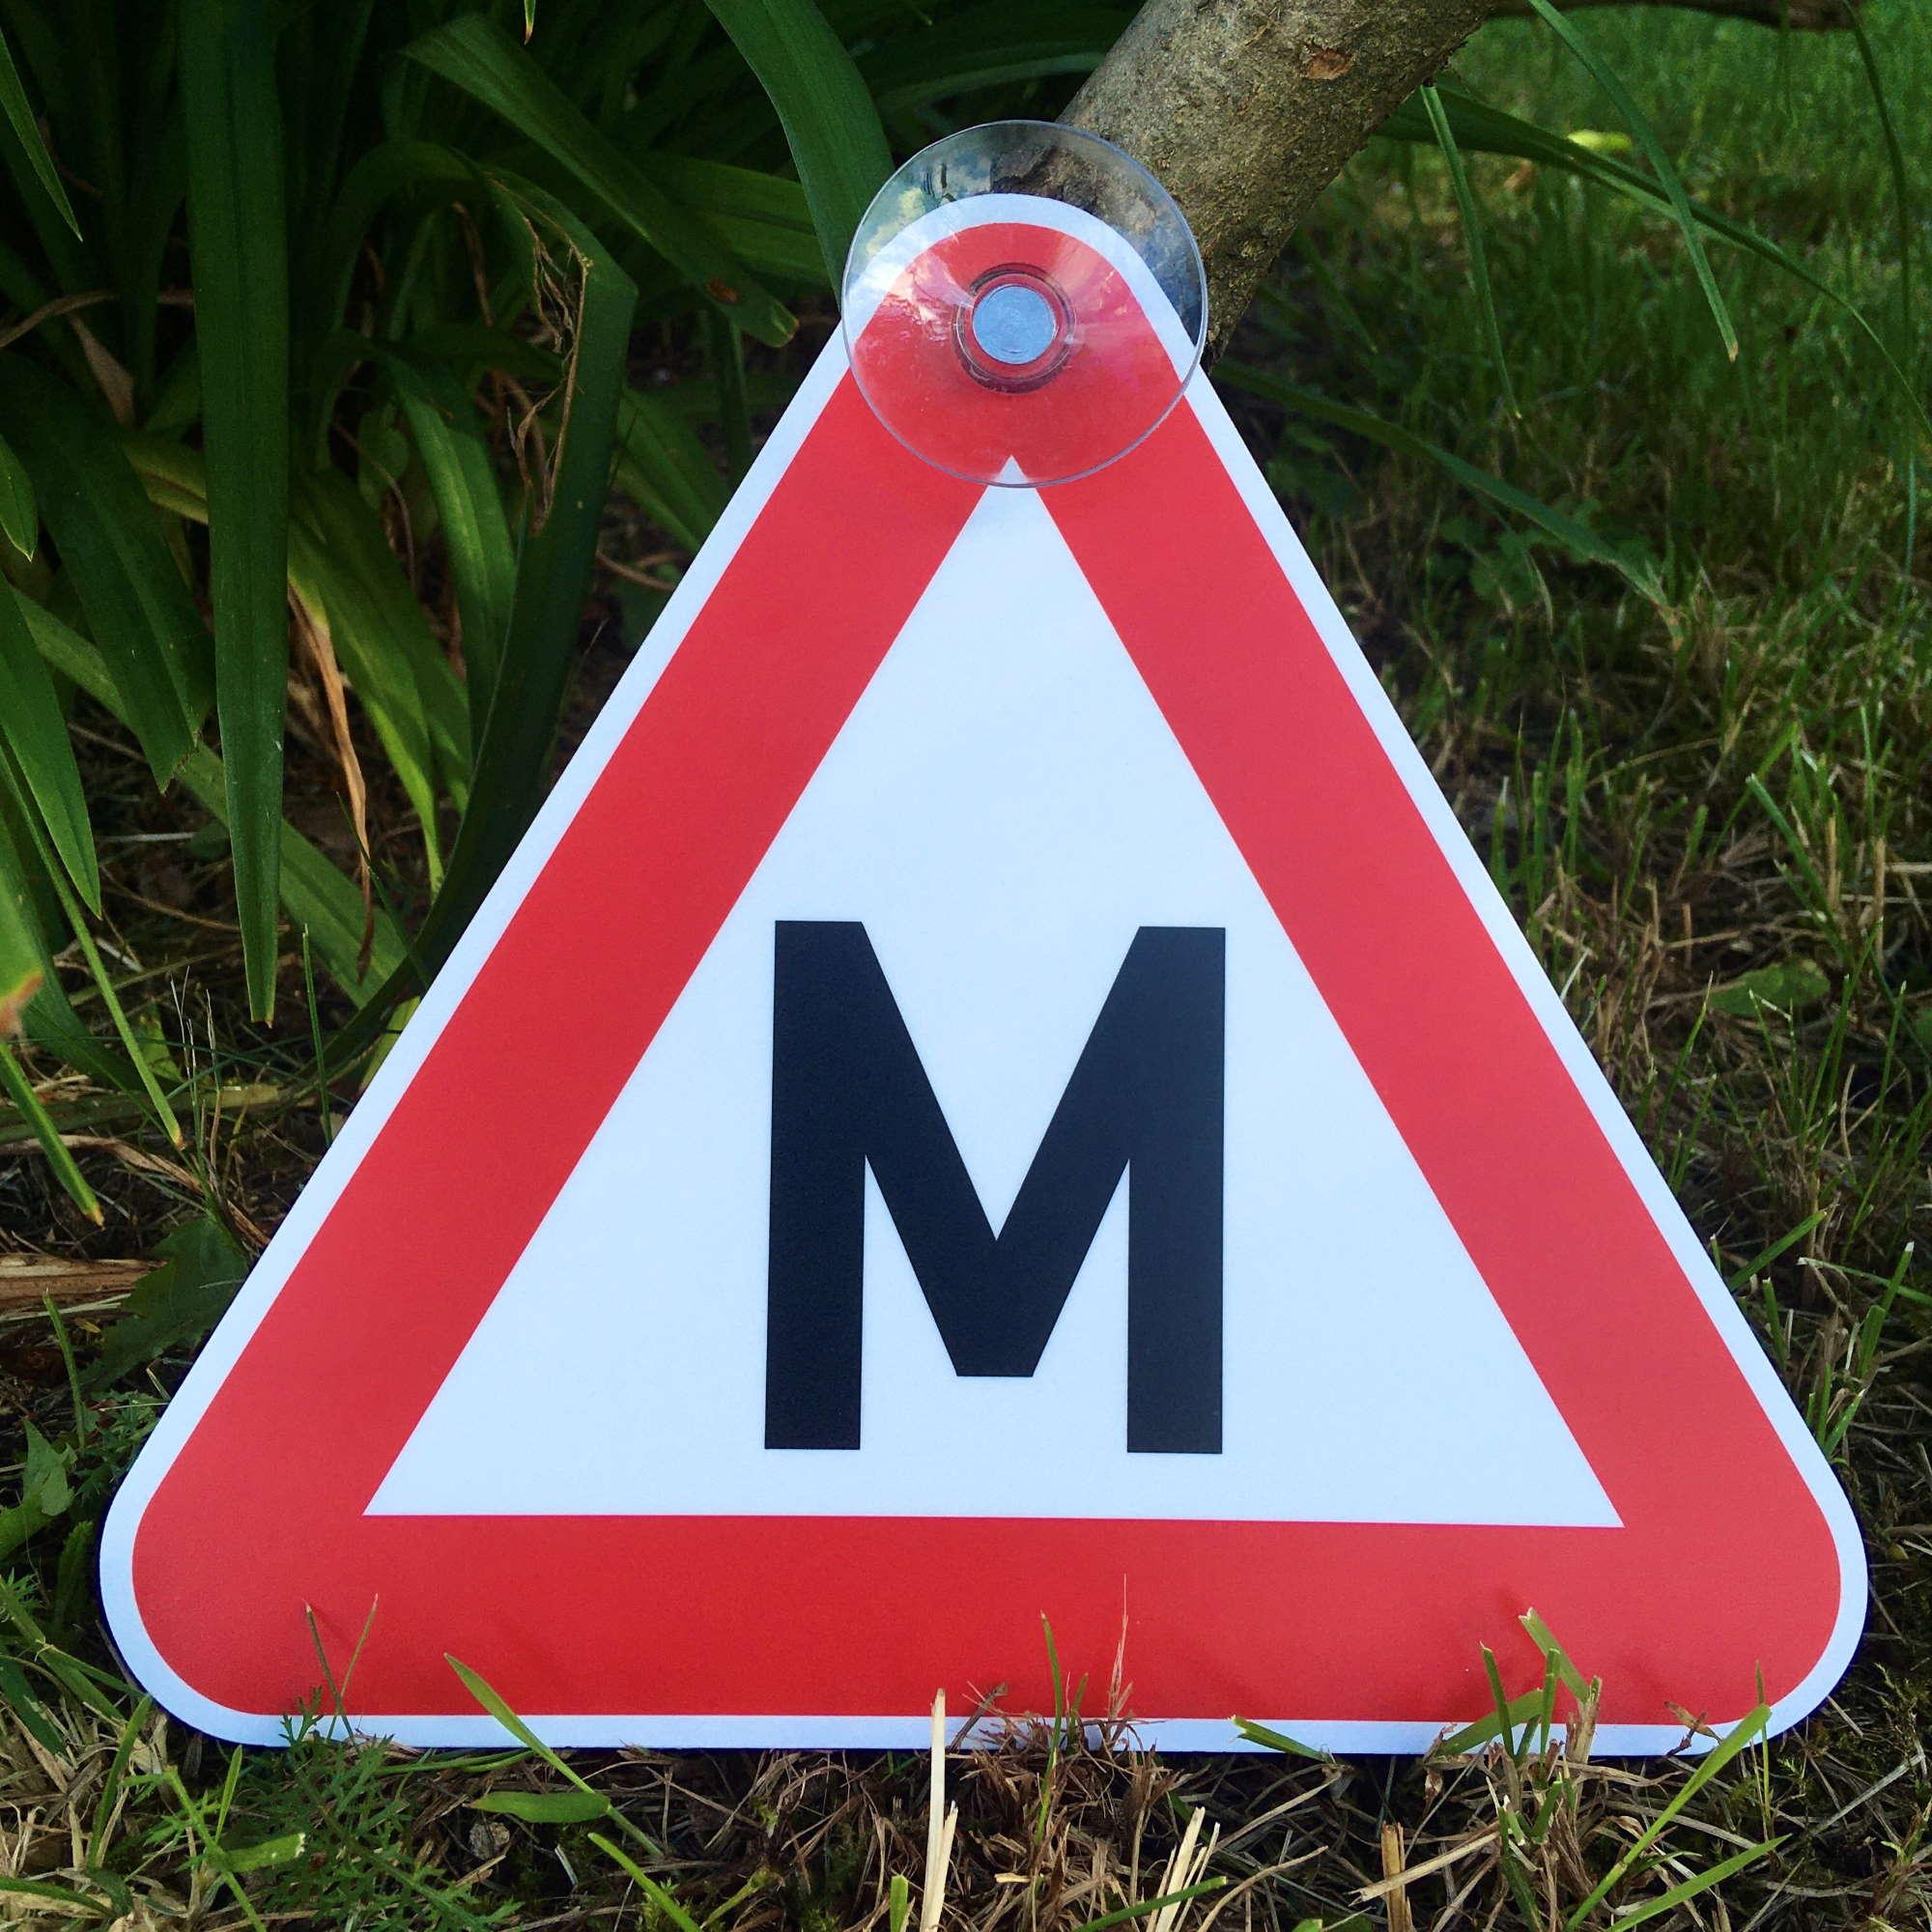 LATSIGN Plastikāta zīme ar piesūcekni braukšanas mācību transportlīdzeklim - auto